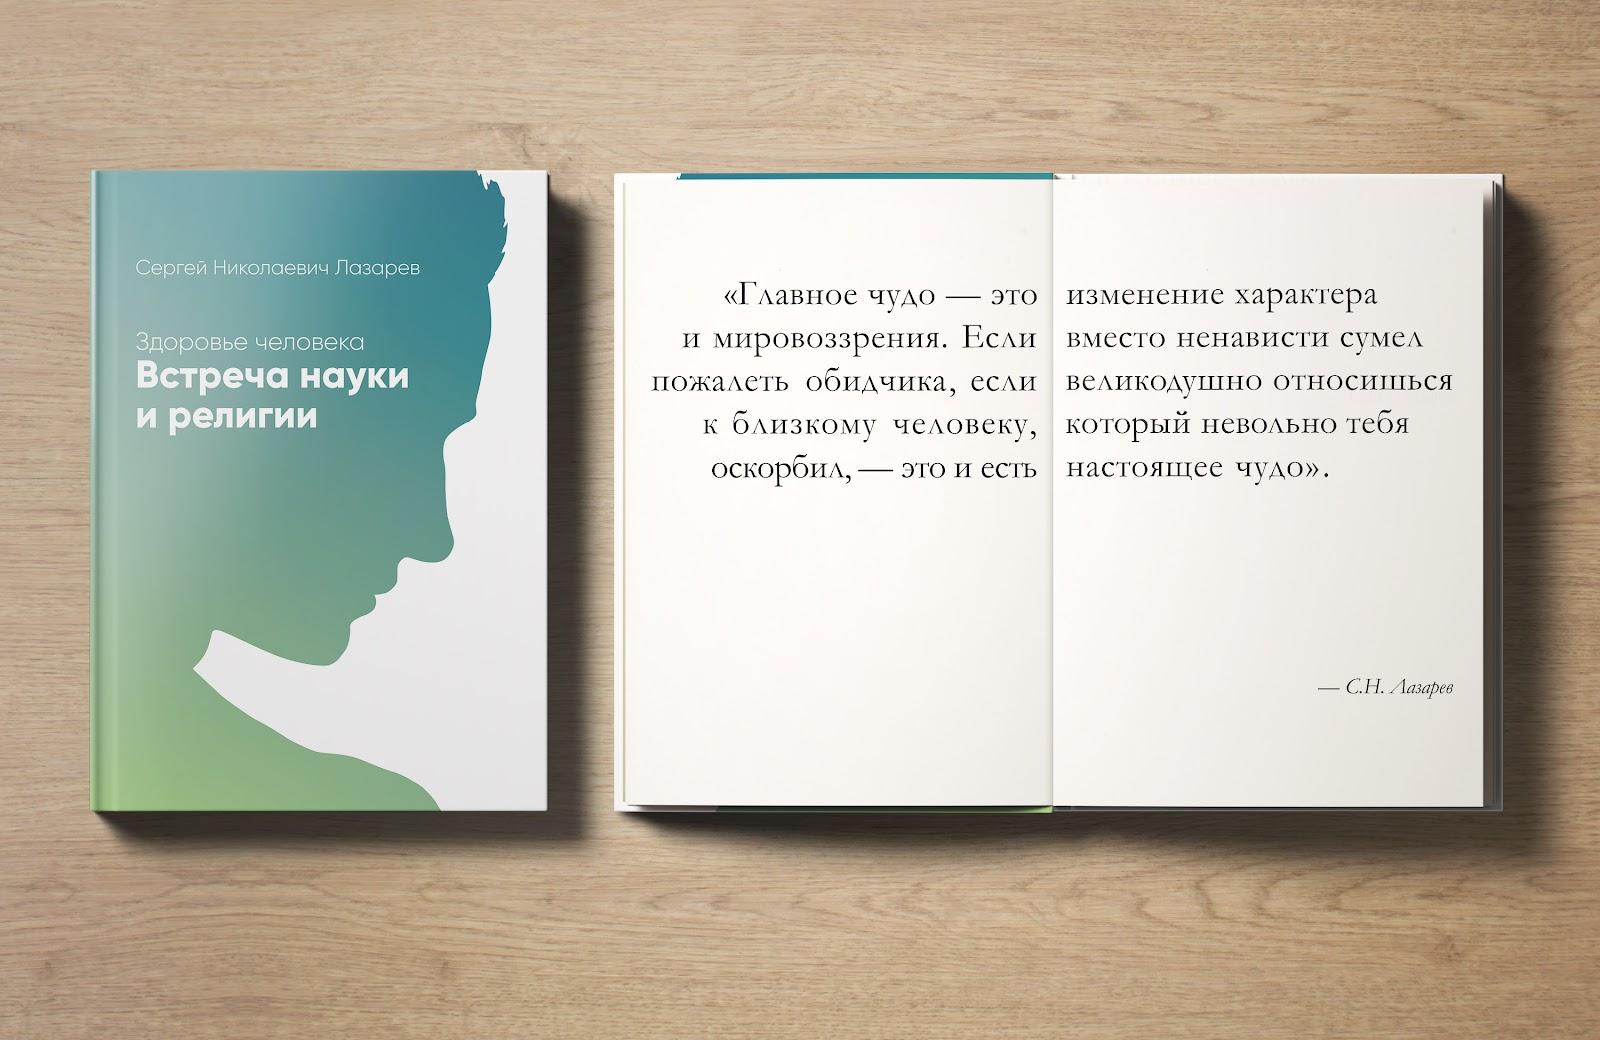 book_template7_1.jpg